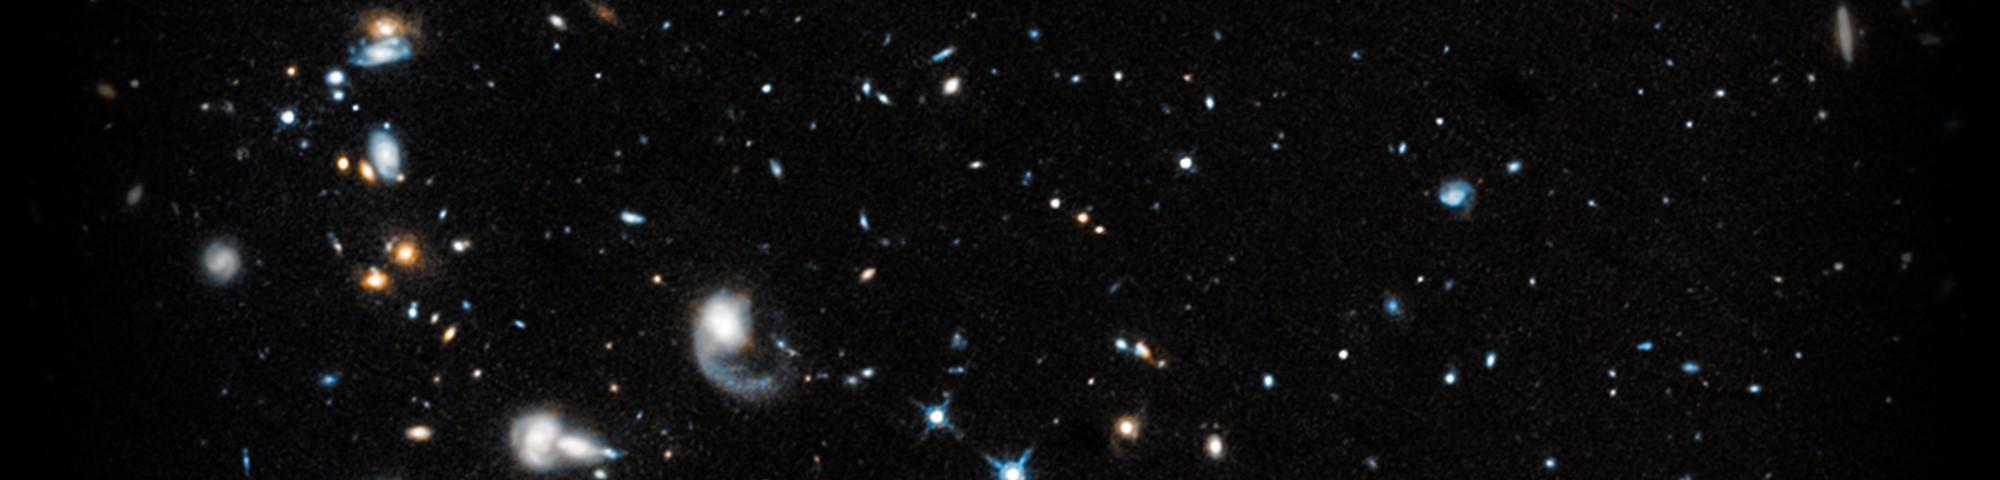 Agrupamento de galáxias foi captado em imagem pelo Hubble (Foto: NASA/Hubble)